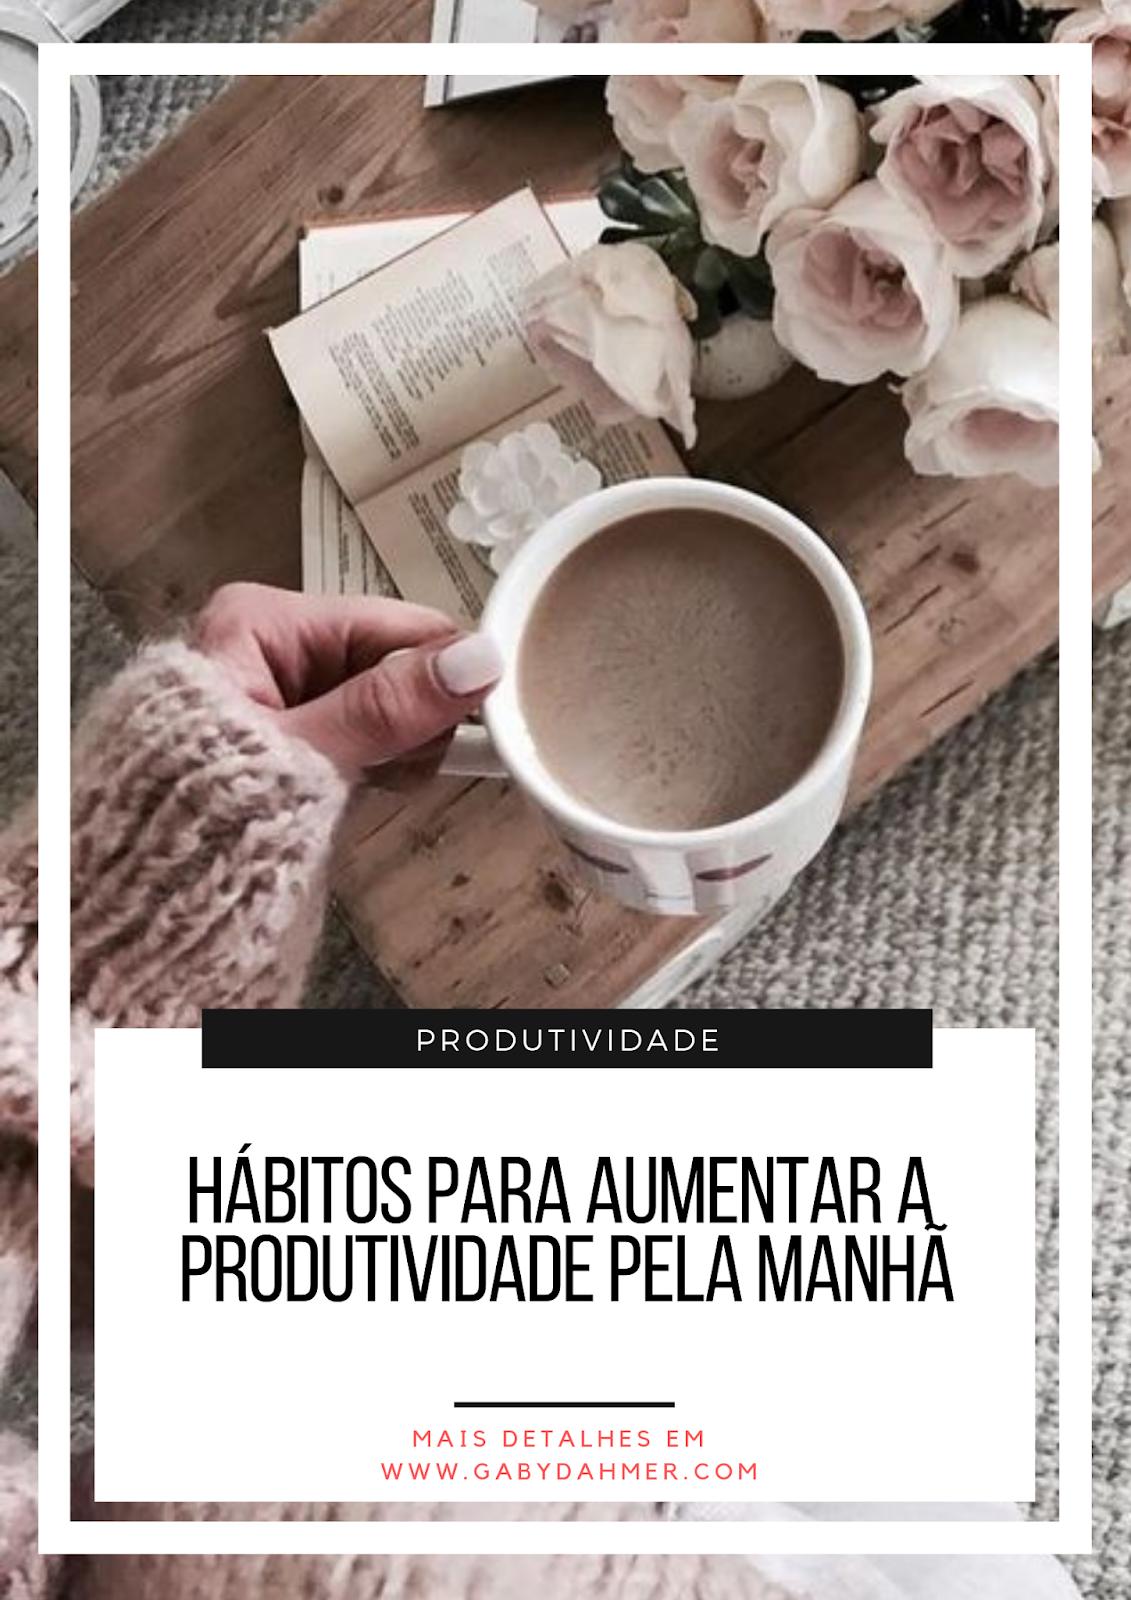 Hábitos saudáveis para ajudar a aumentar a produtividade pela manhã. Leia mais: